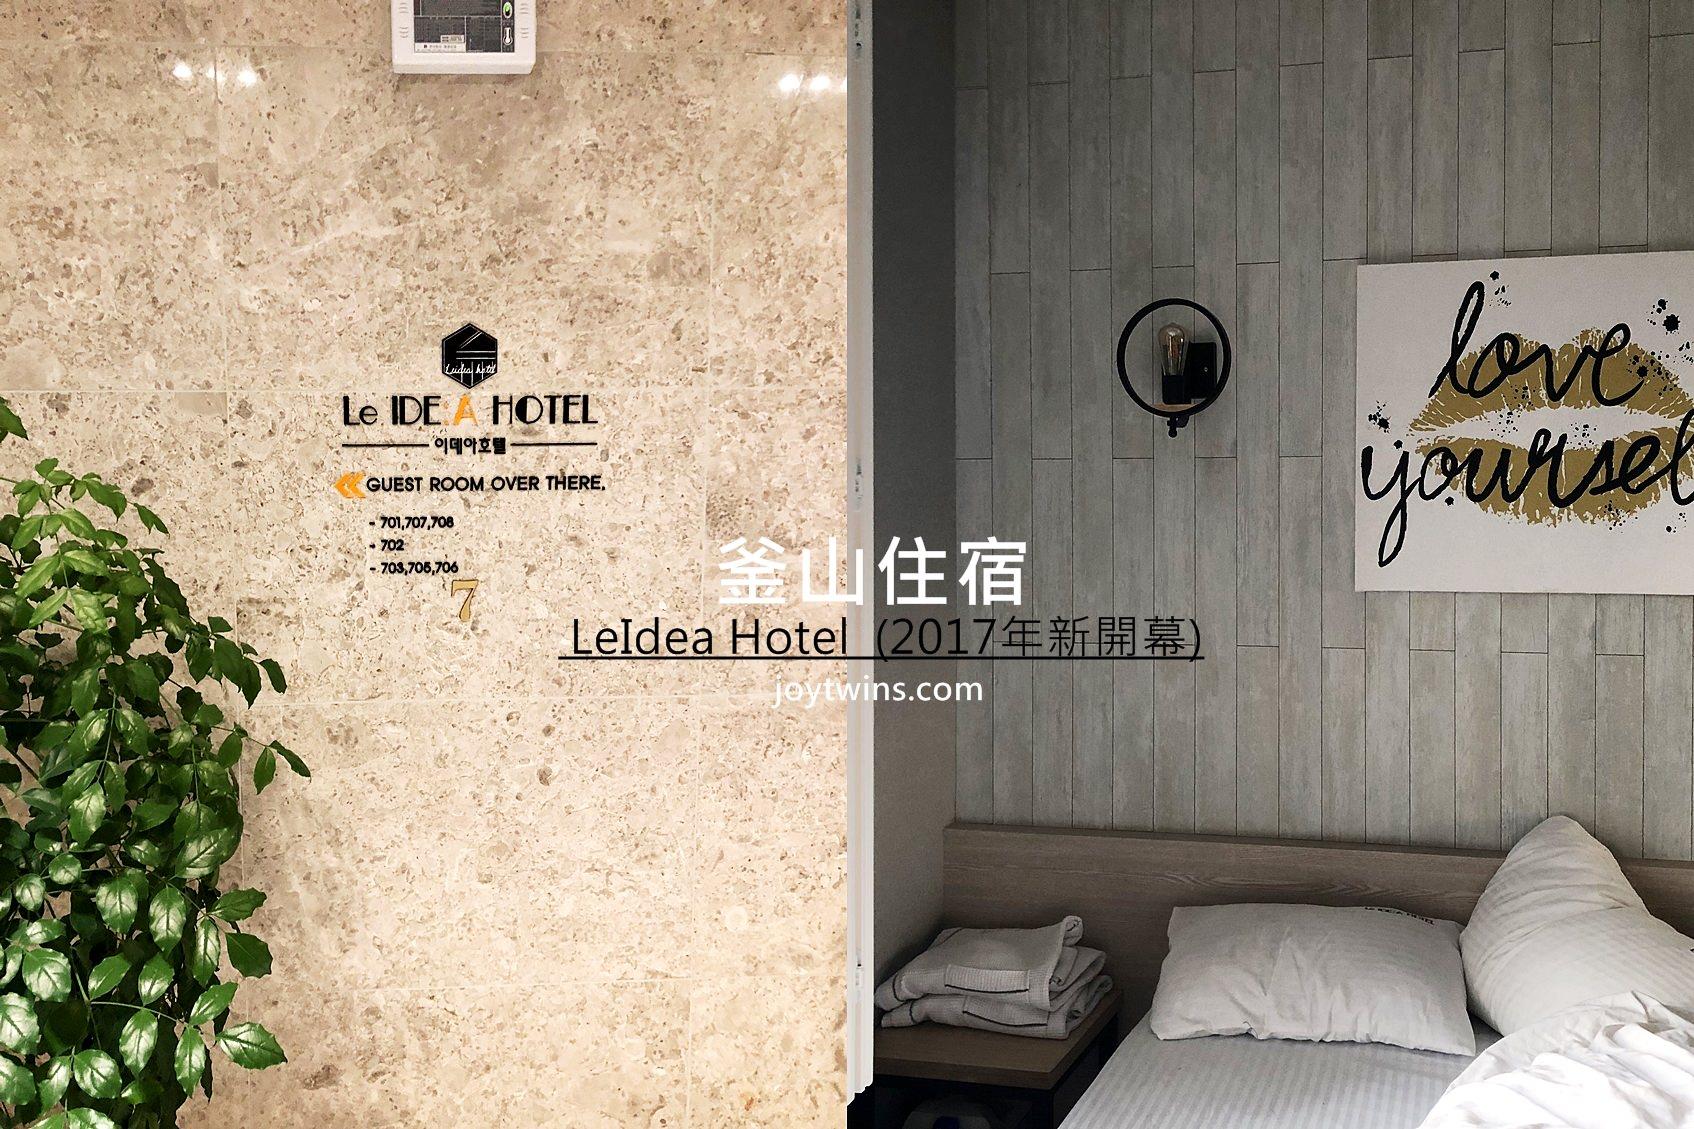 【韓國】2017釜山 海景住宿 LeIdea Hotel  (2017年新開幕) 設備新/ 交通便利 /價格優惠